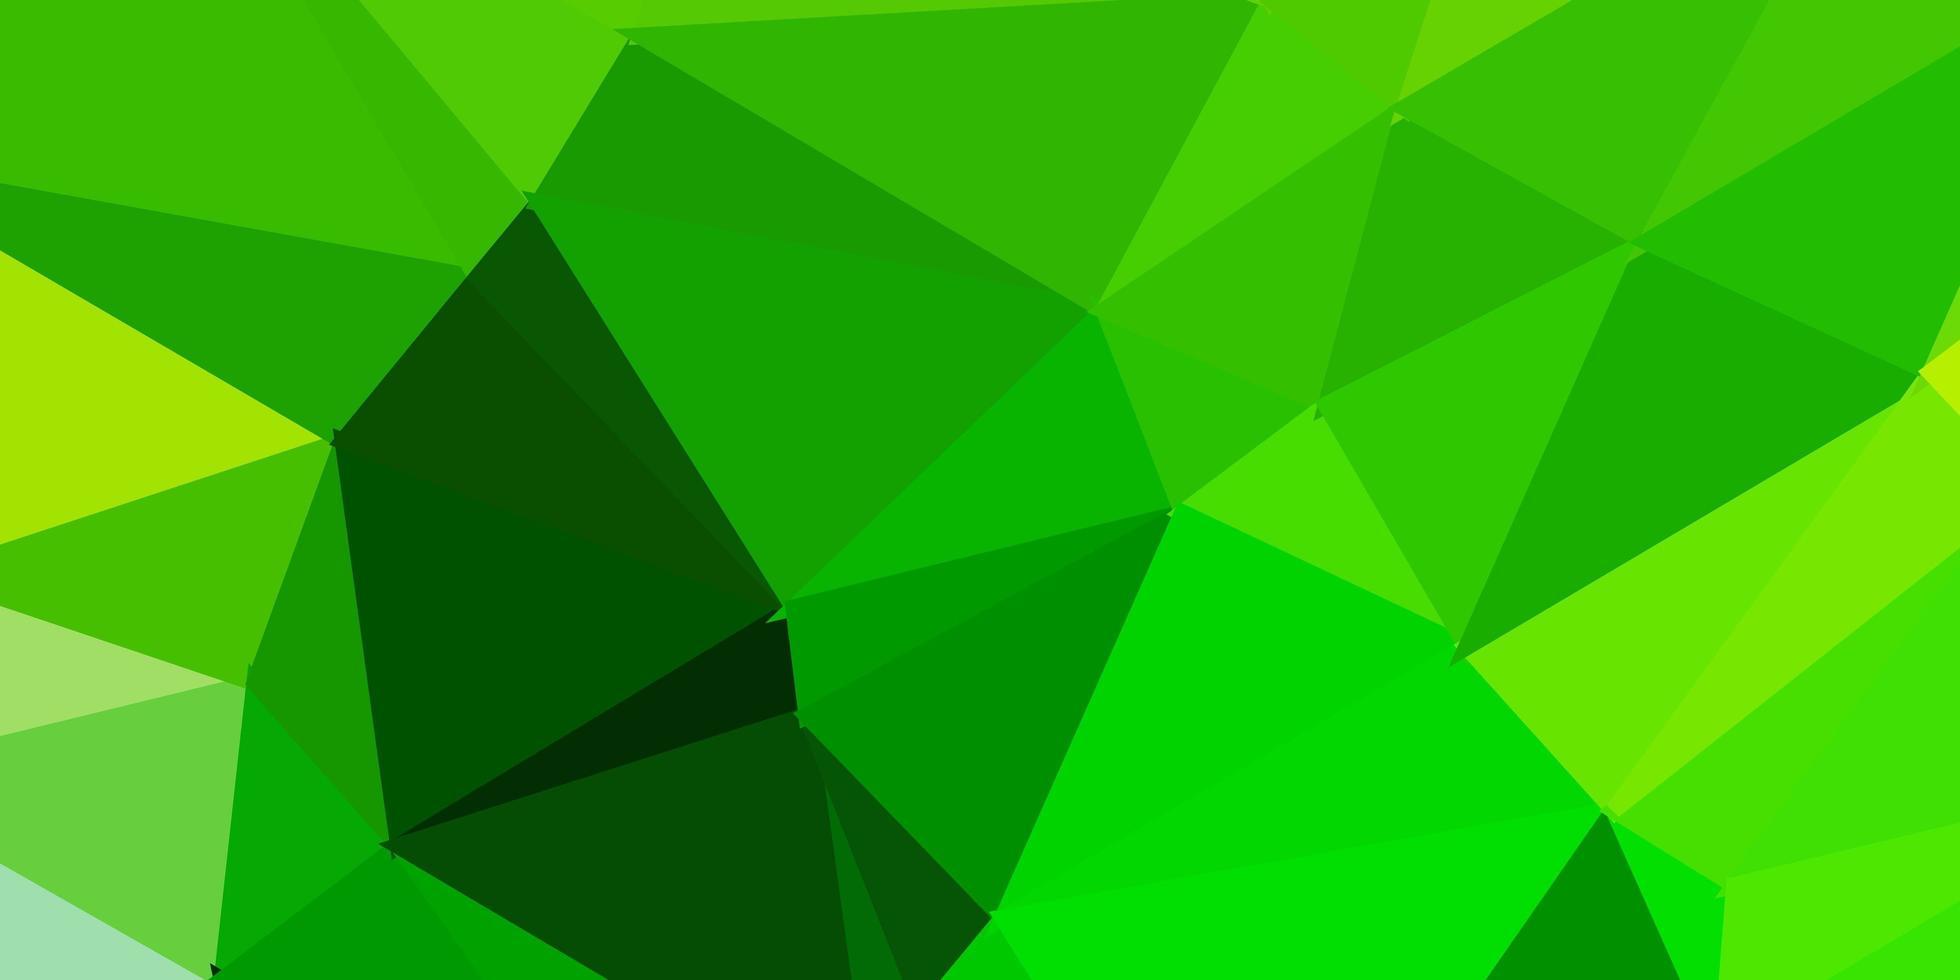 layout poligono gradiente vettoriale verde chiaro, giallo.